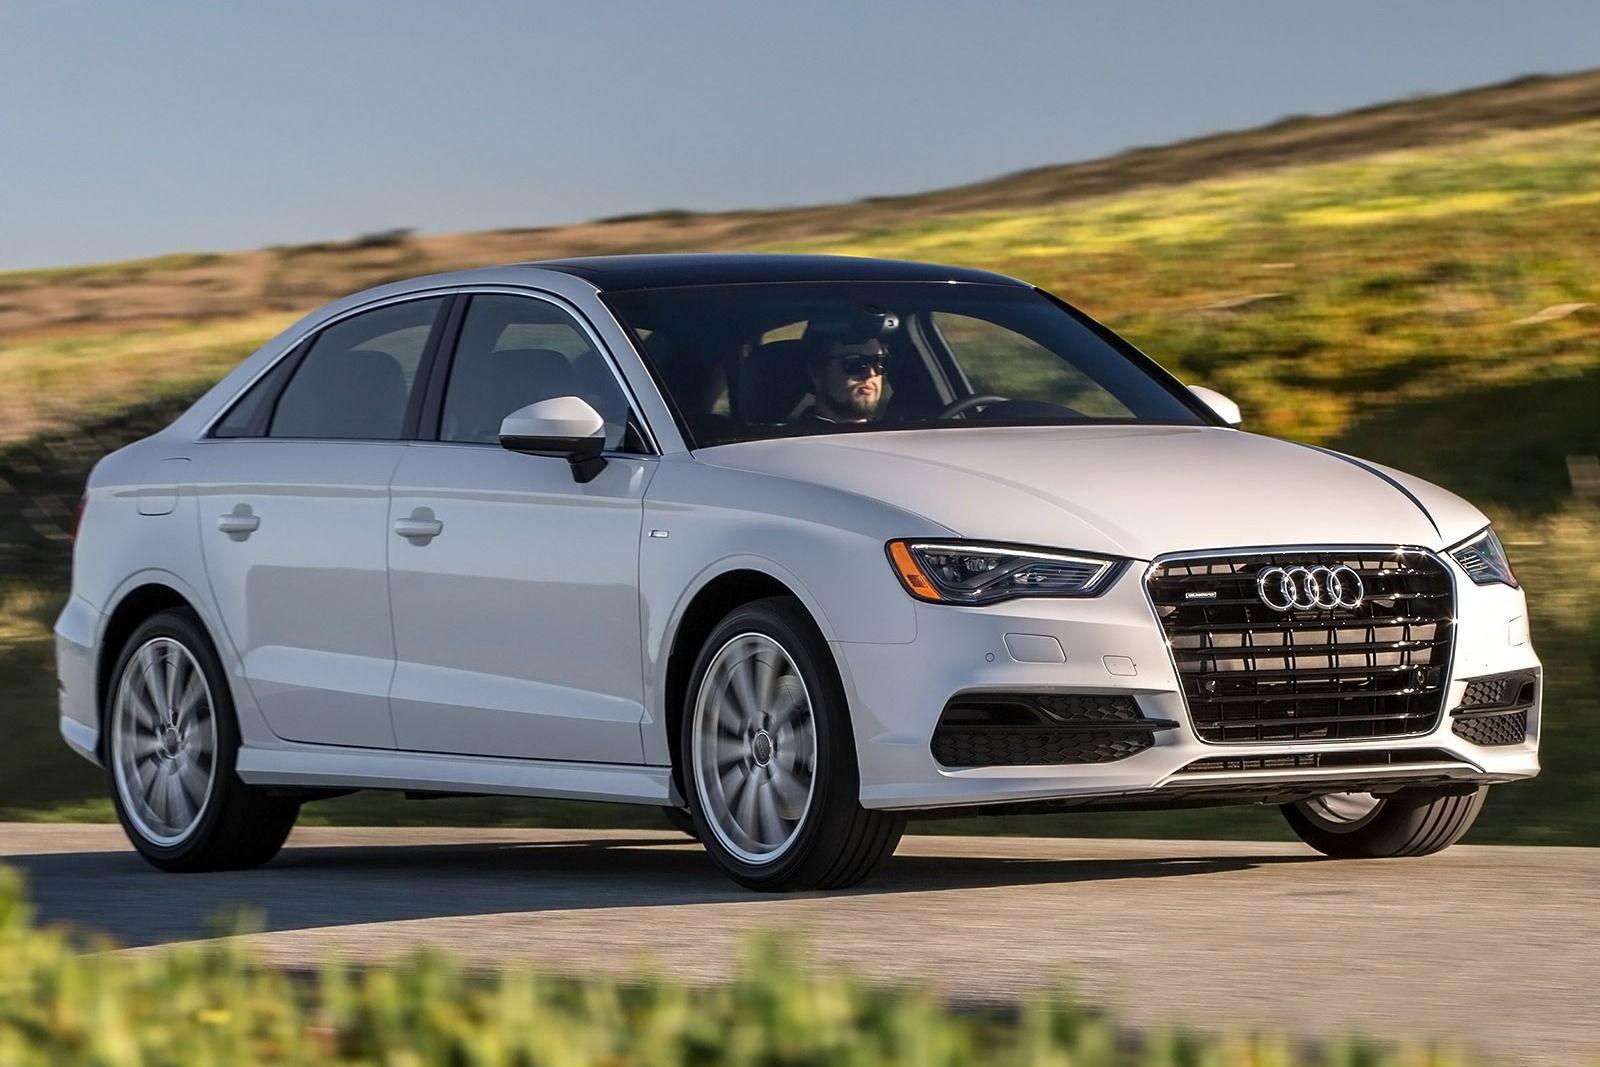 2015 Audi S3 Silver Top Auto Magazine